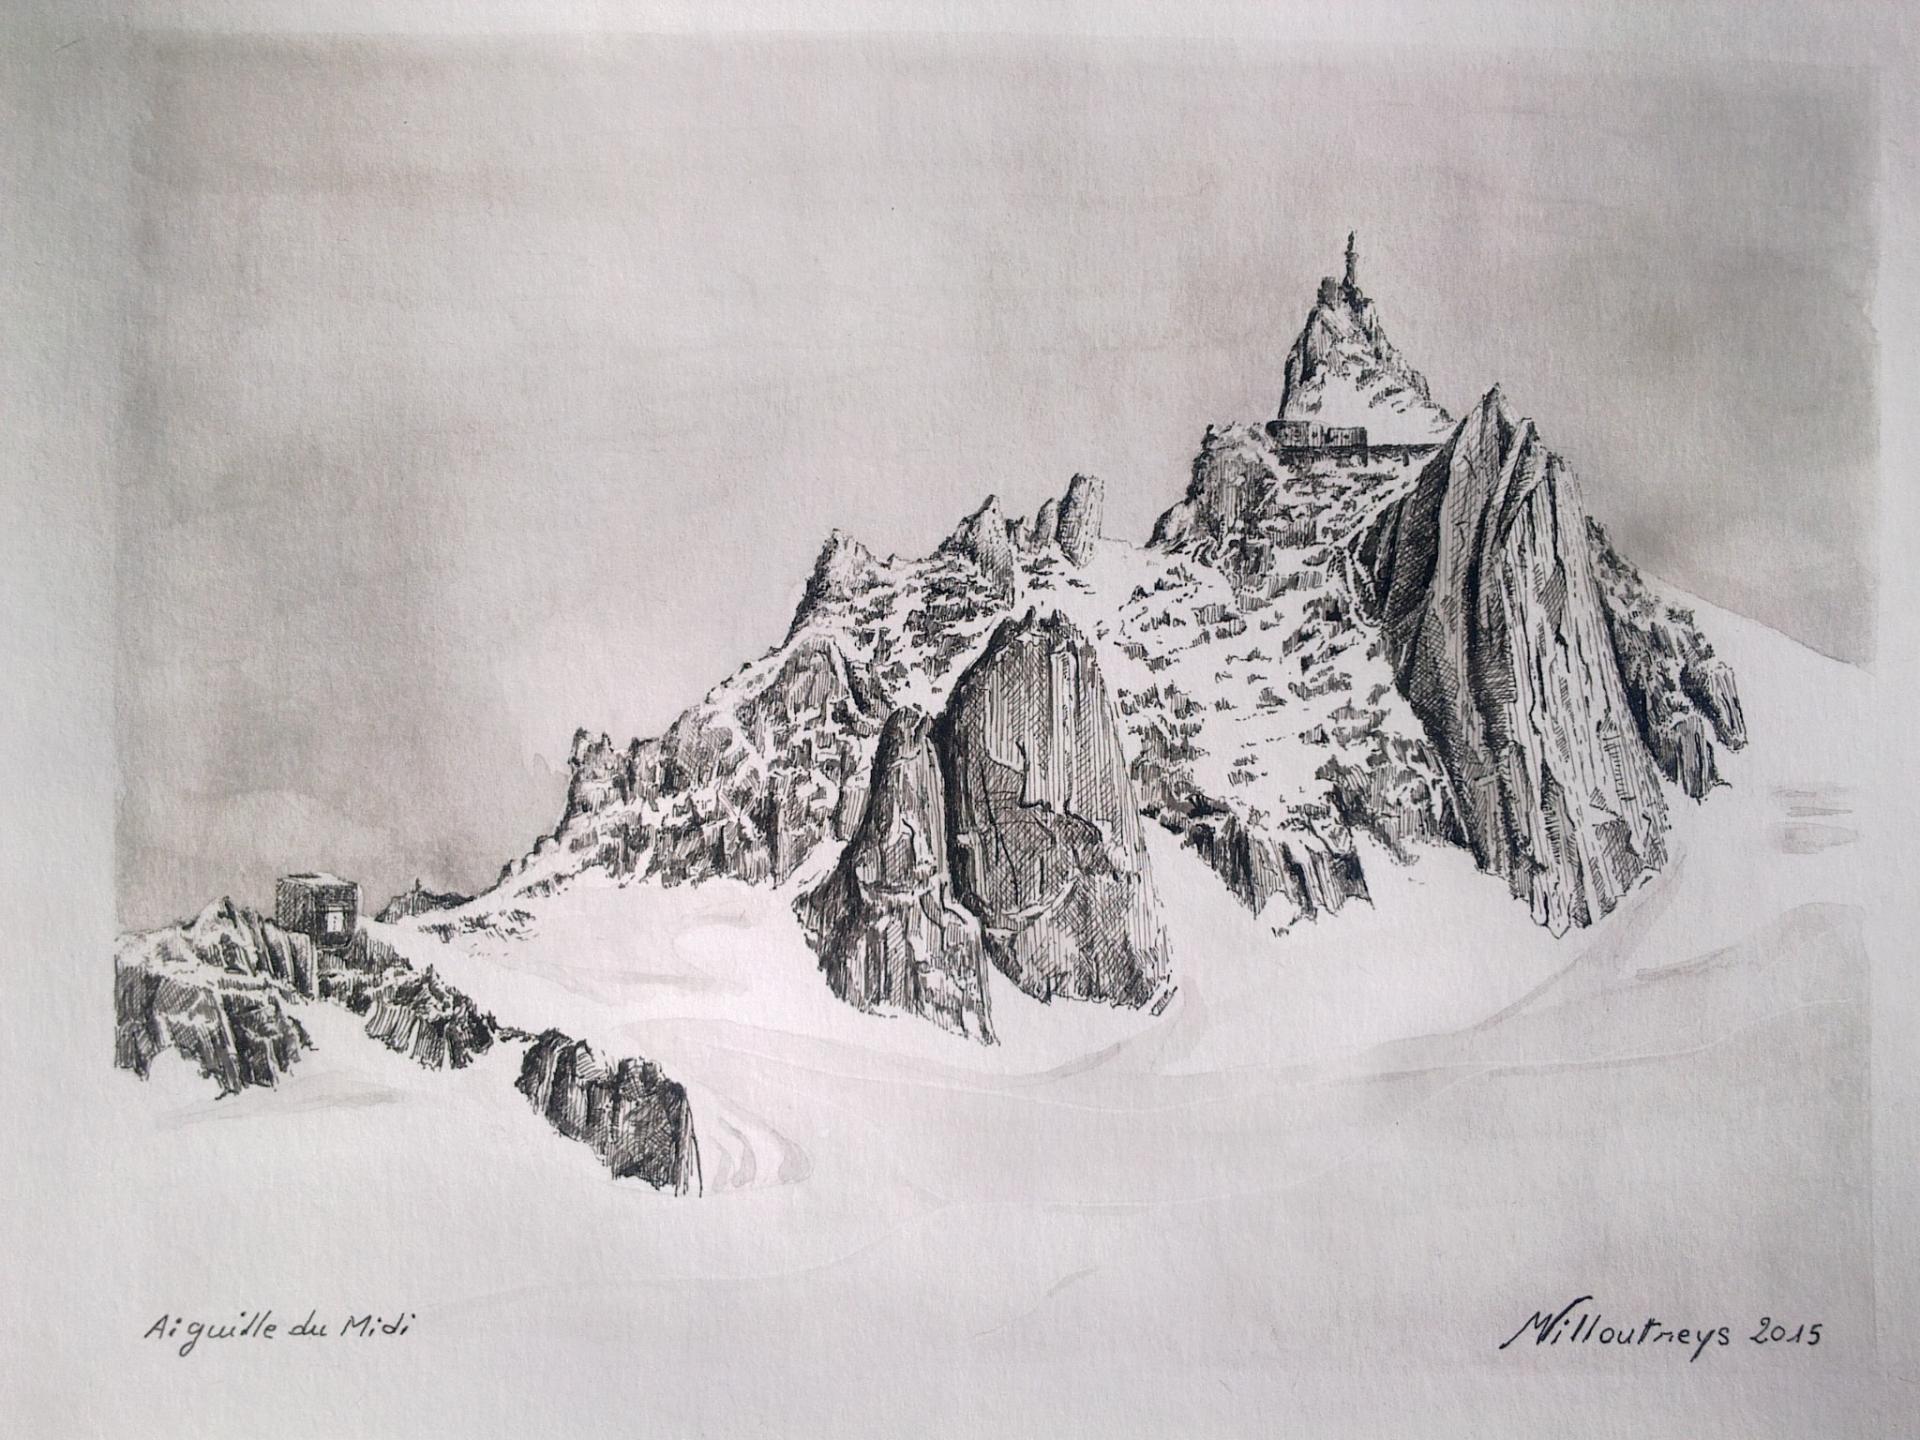 Aiguille du Midi (Massif du Mont-Blanc)